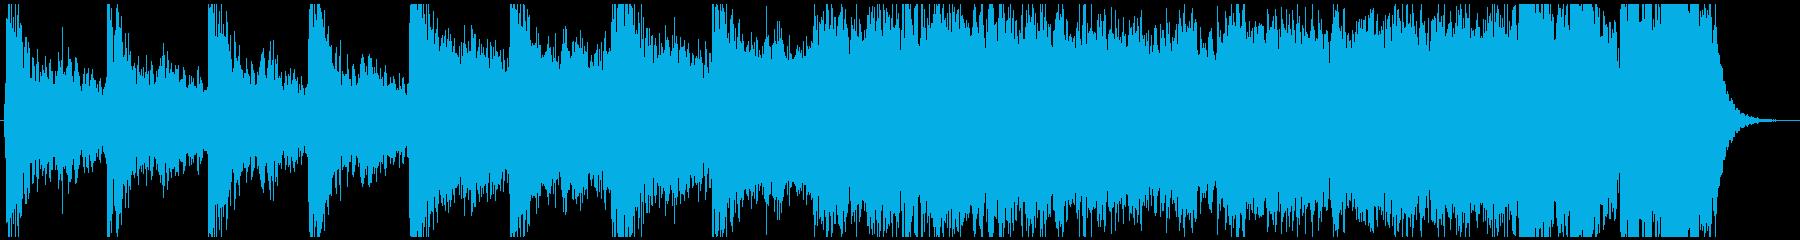 アクション映画予告編風(約1分)の再生済みの波形